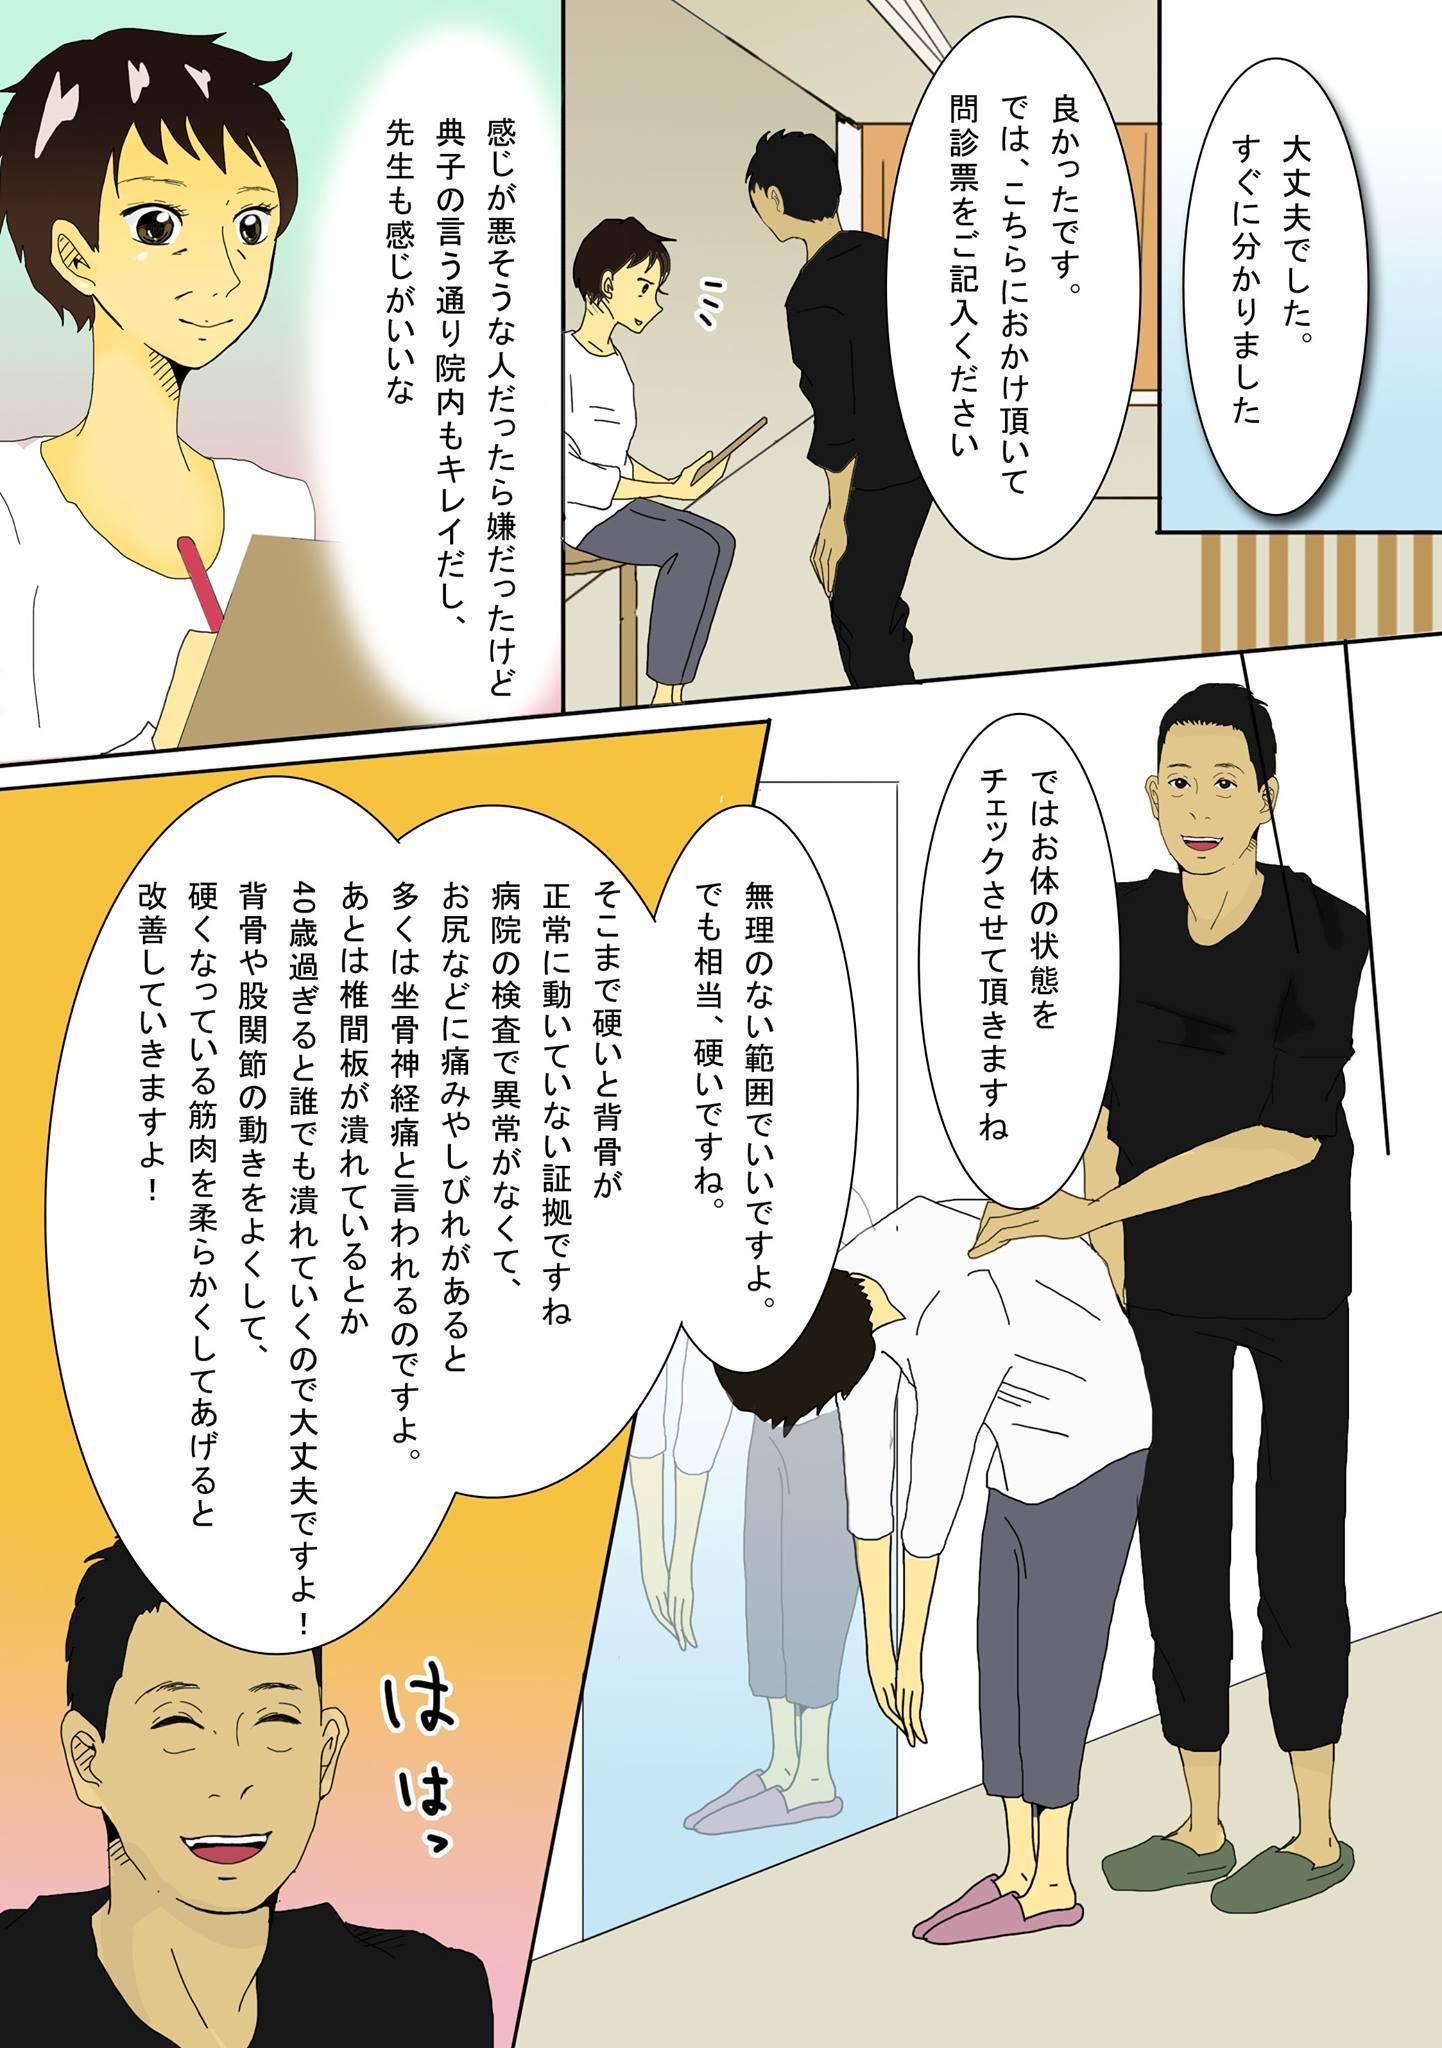 腰痛専門 せがわ接骨院漫画06